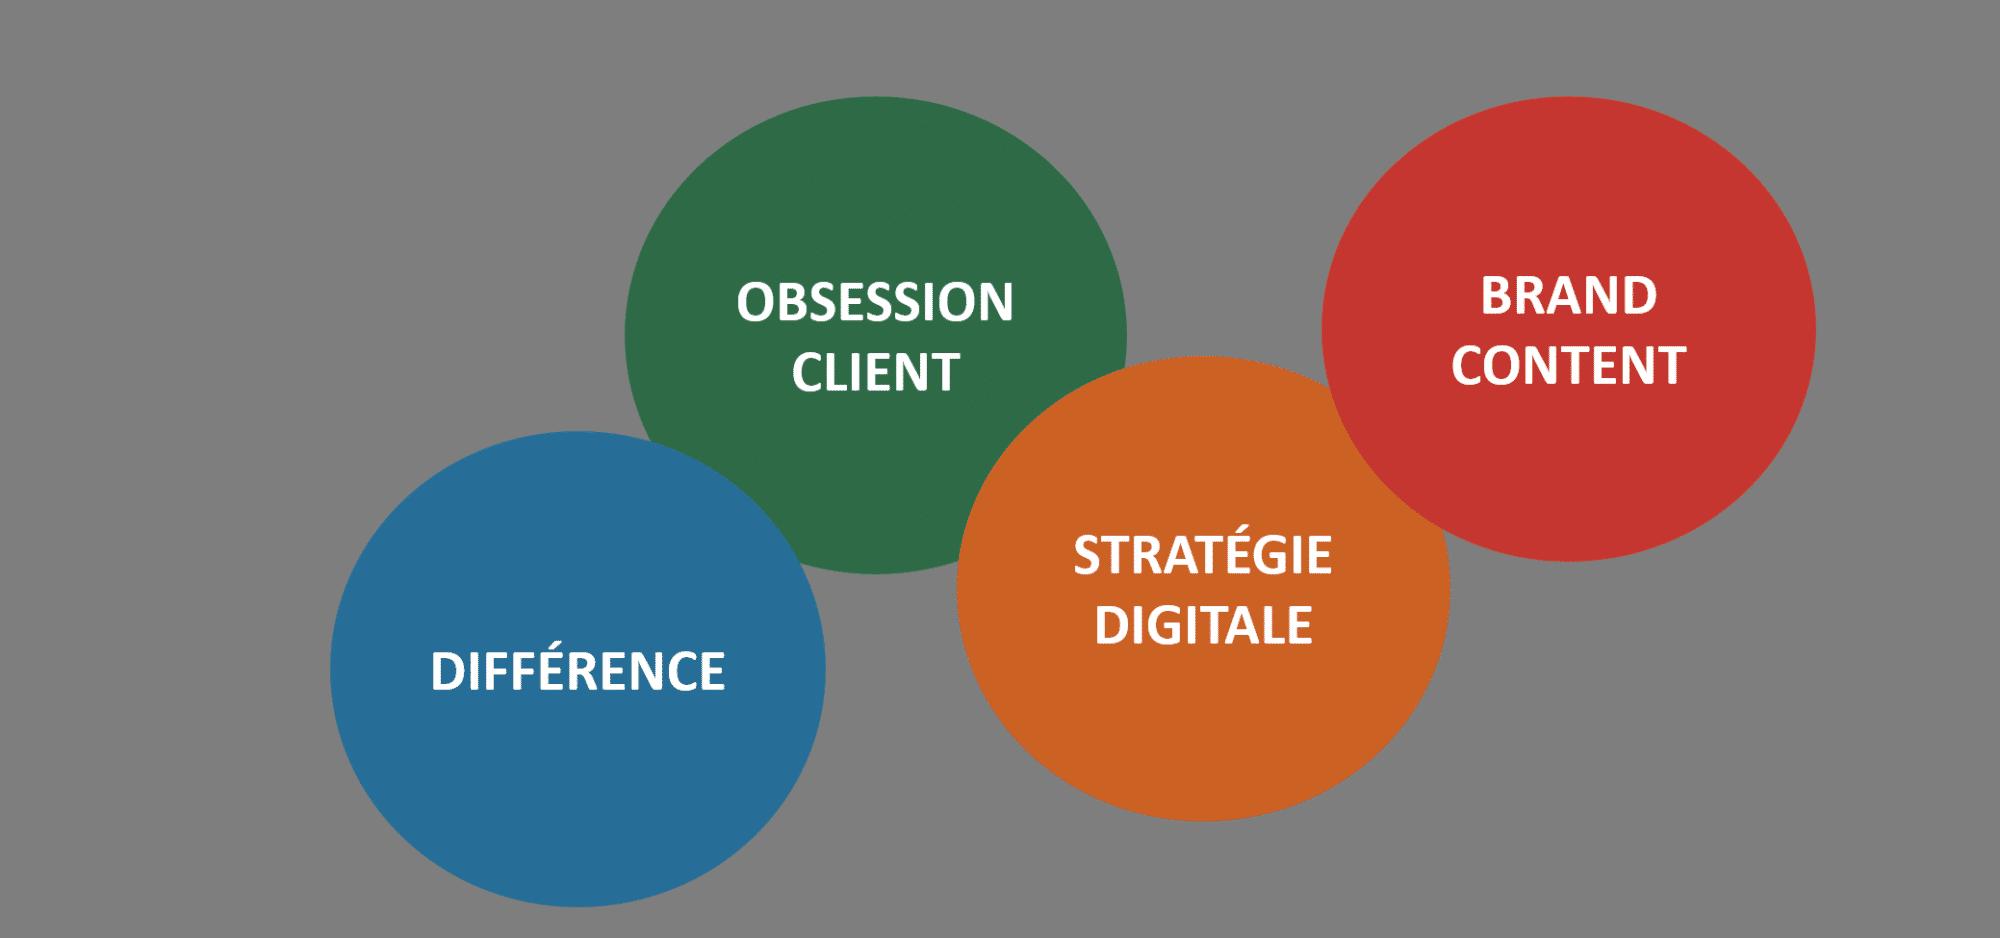 La différence, l'obsession client, la stratégie digitale, le brand content